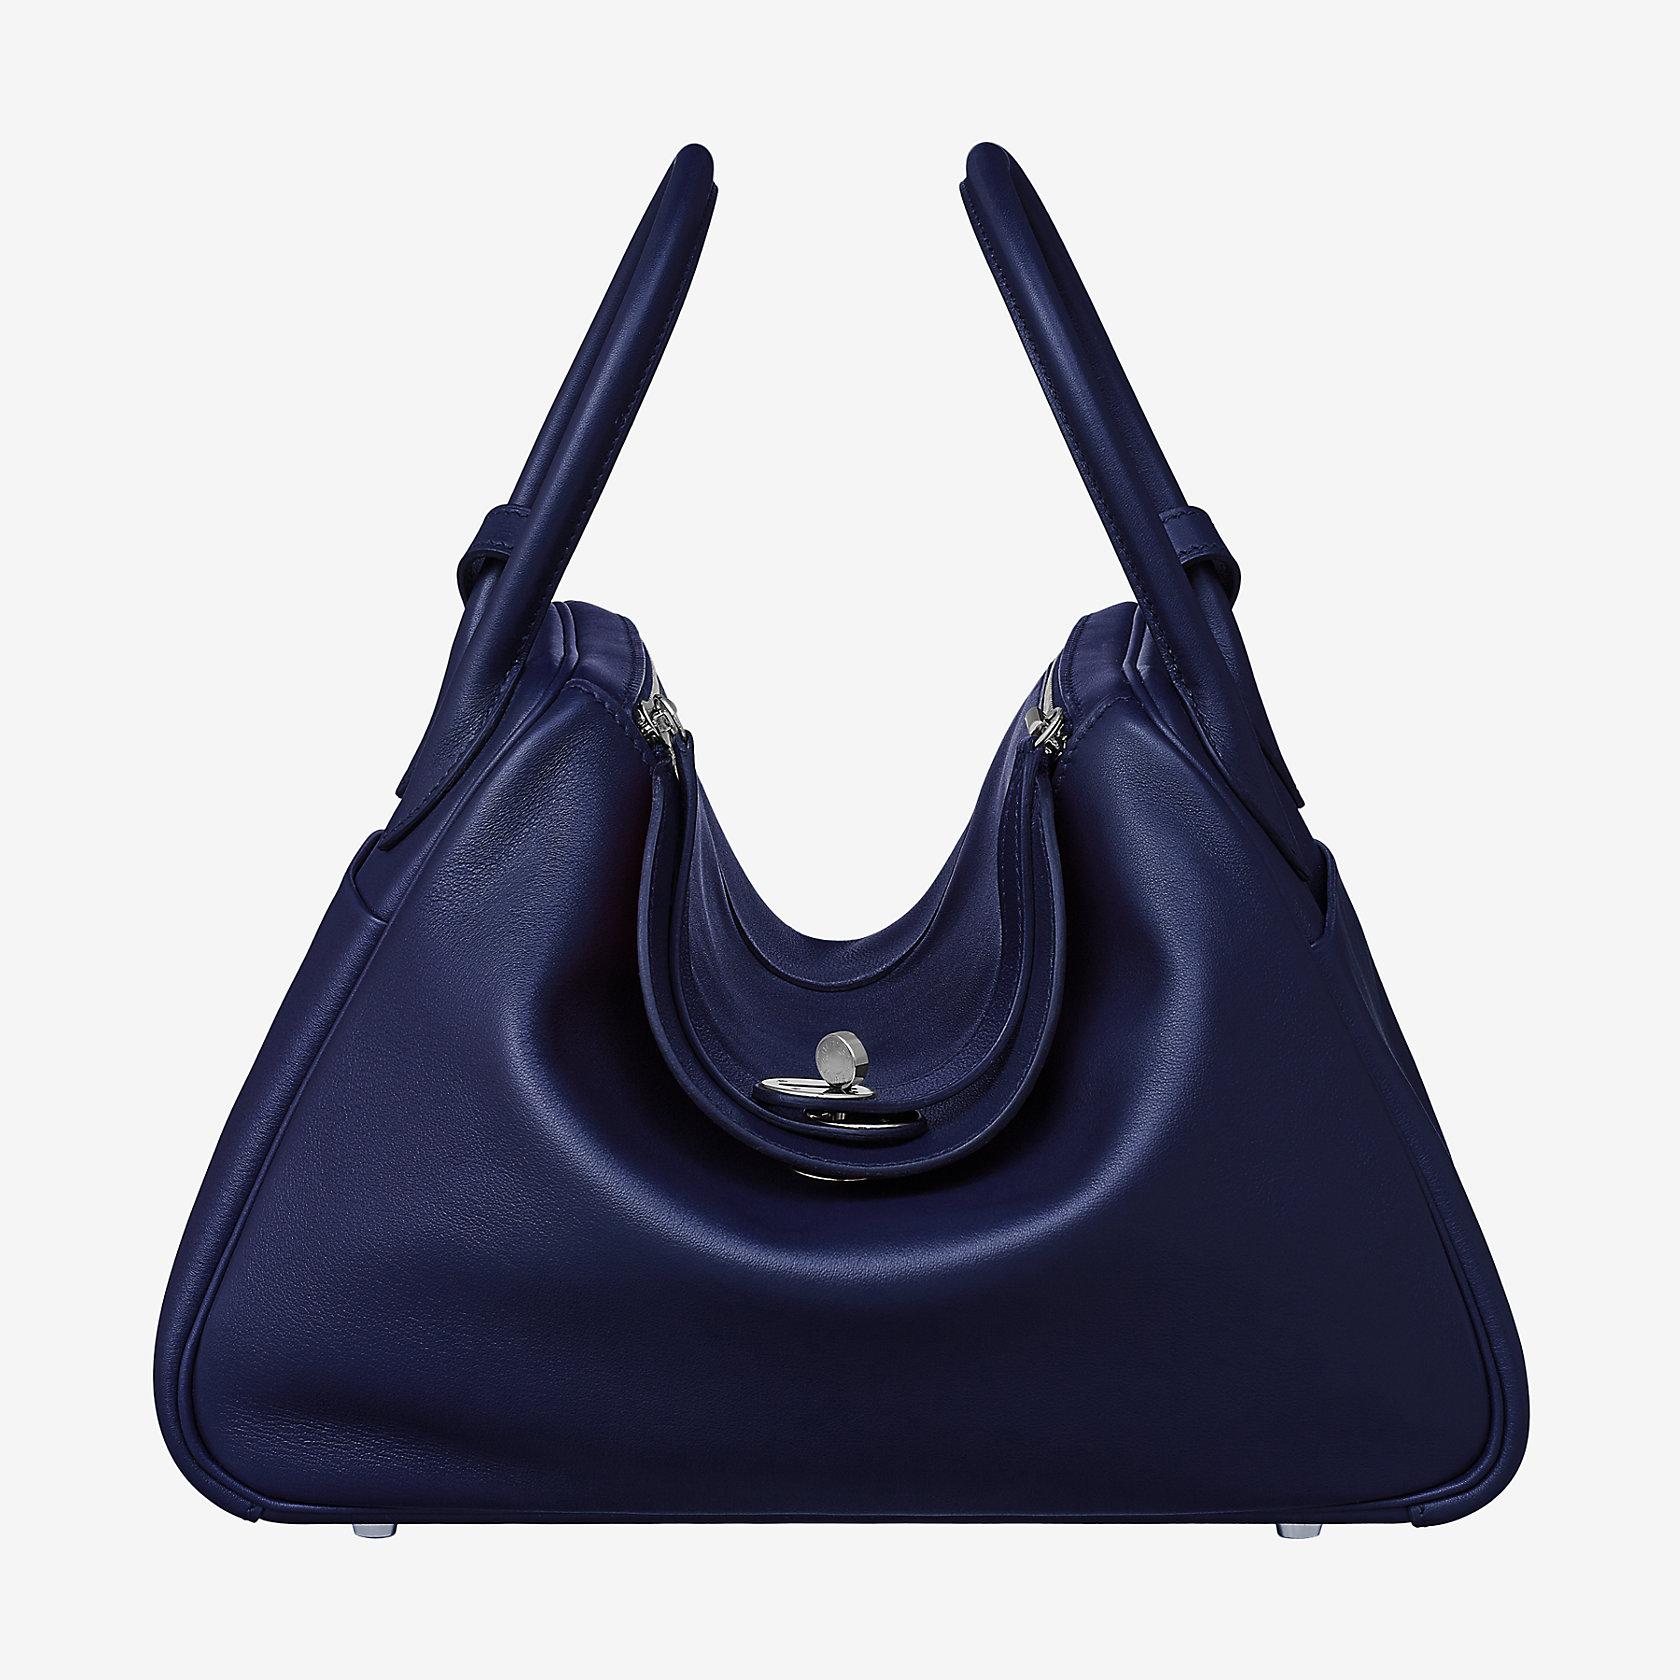 5b0ccd5d5e Lindy 30 verso bag   Hermès